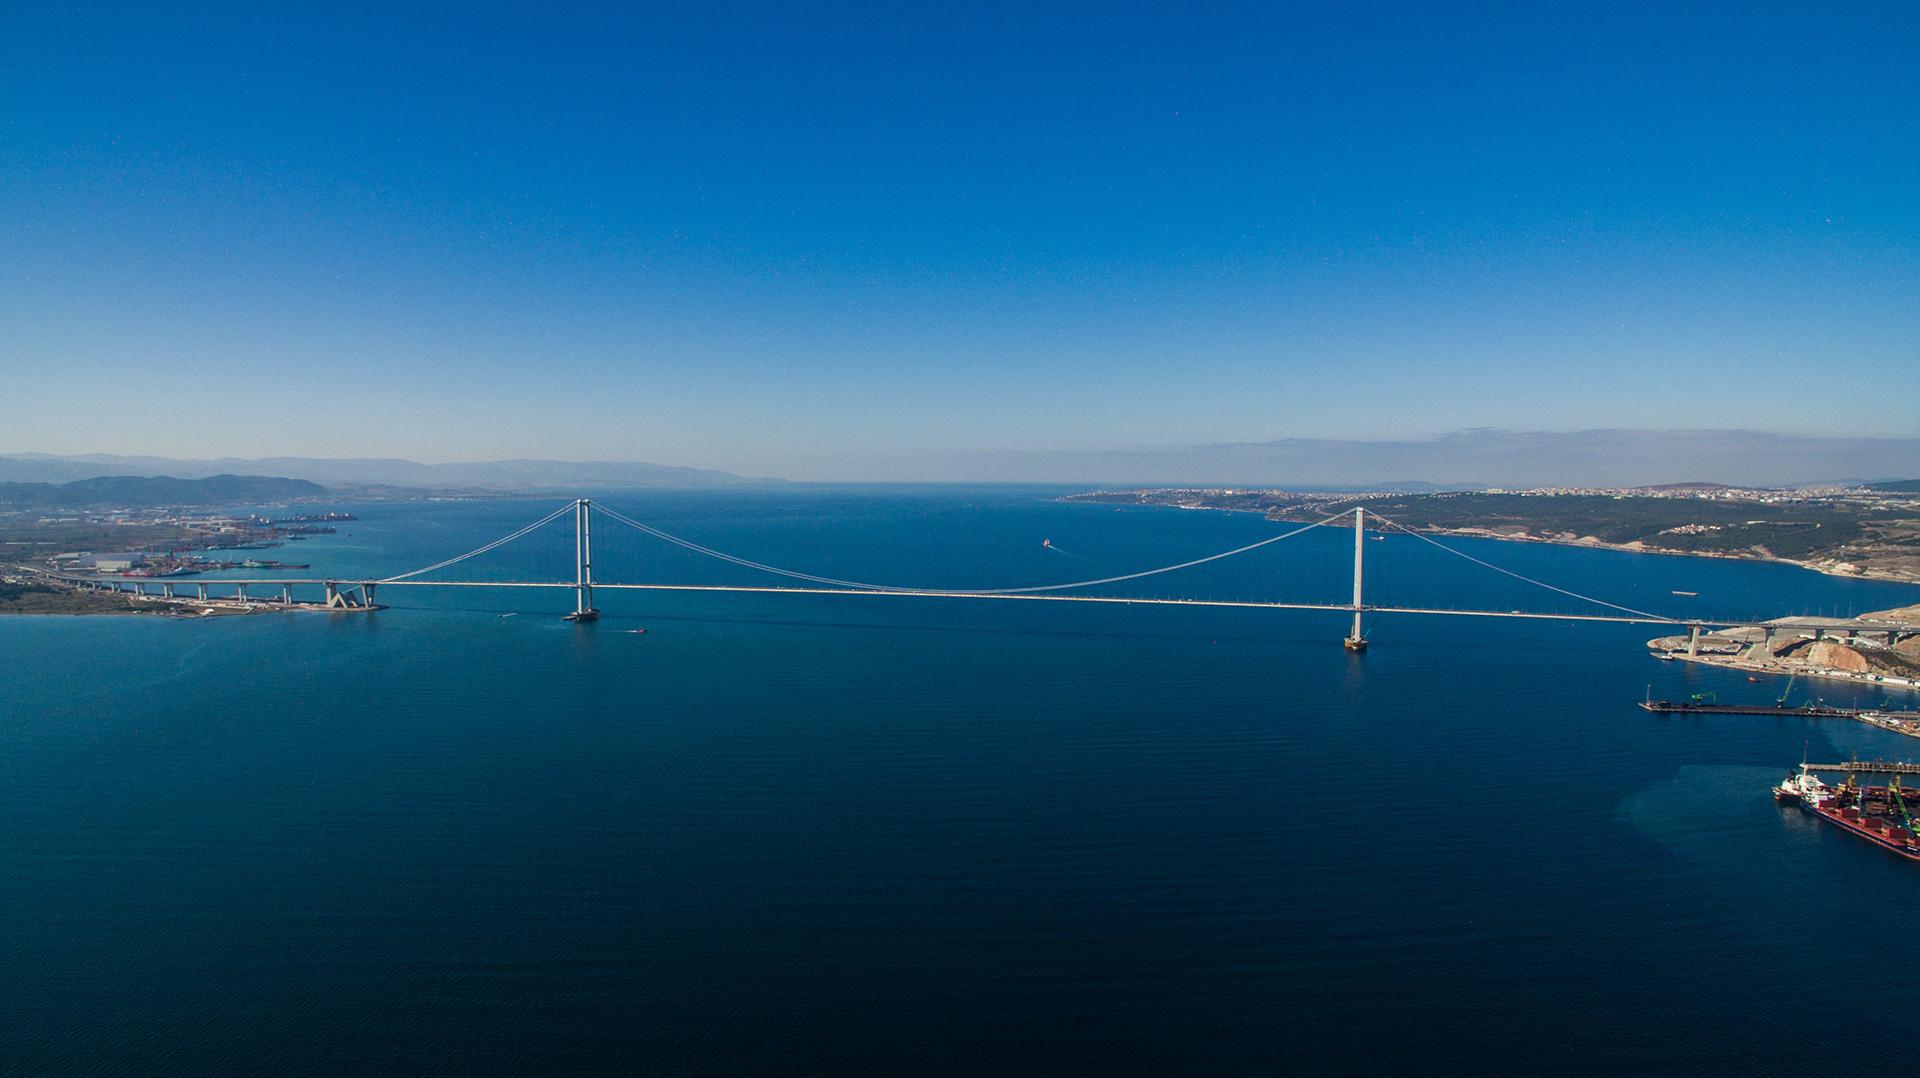 Osmangazi-Brückenprojekt